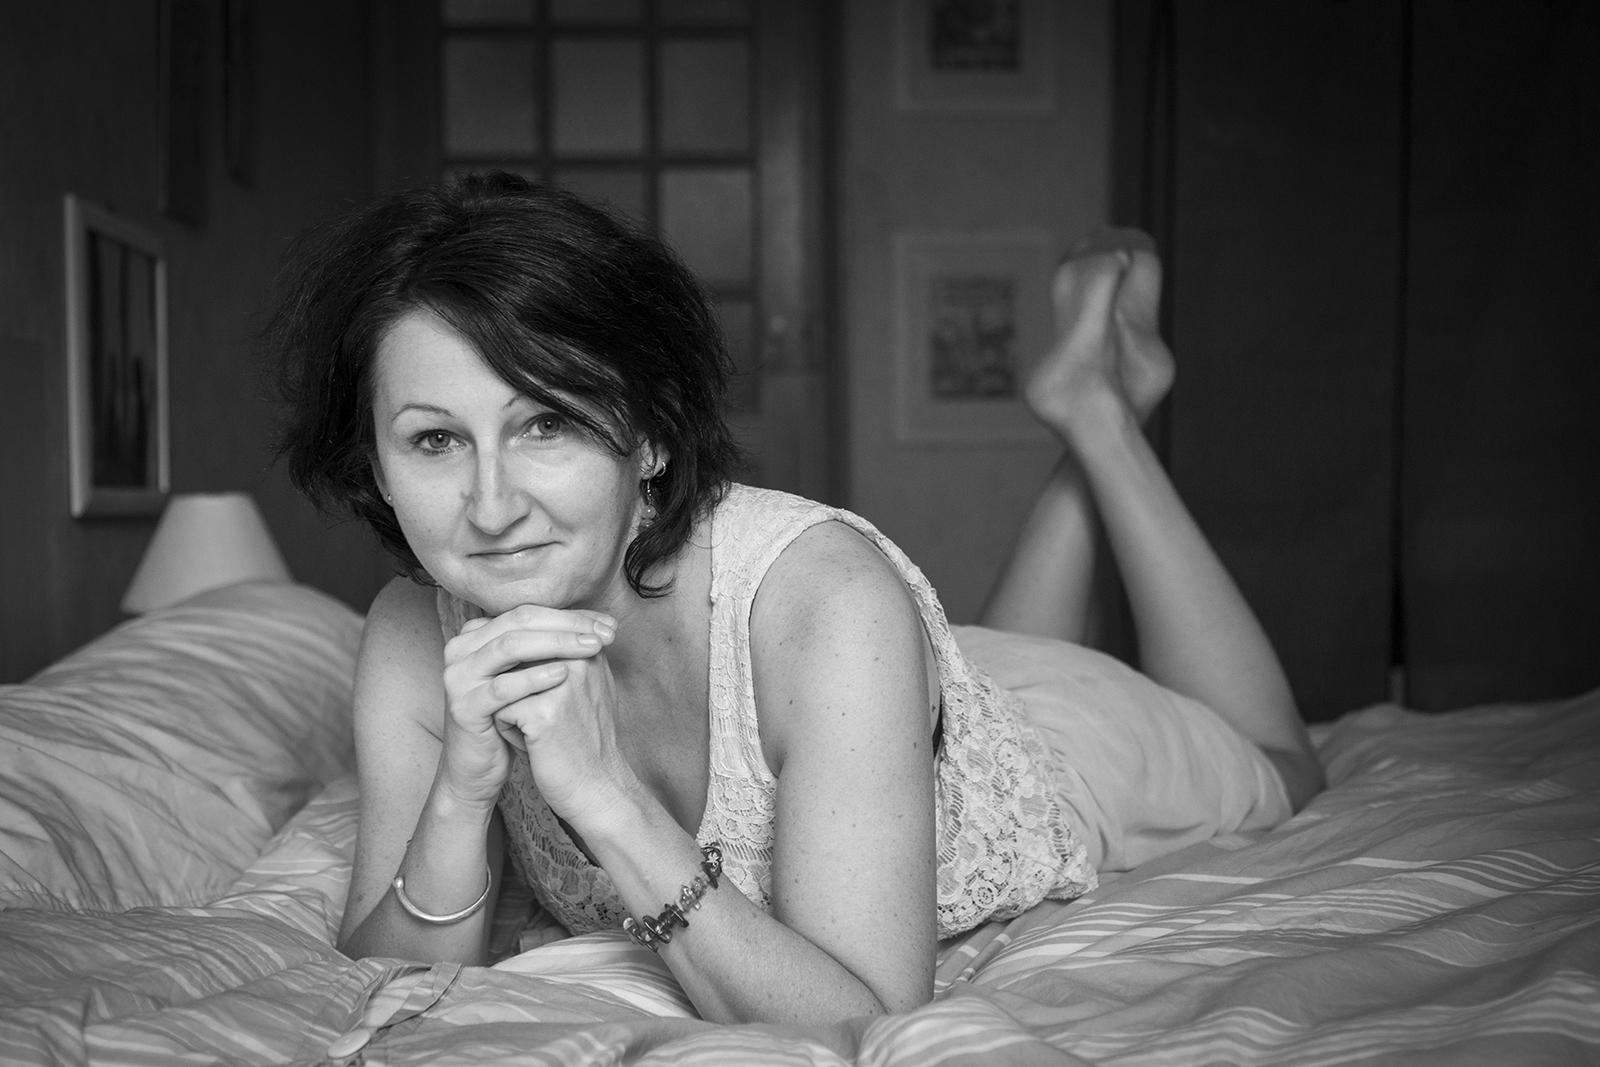 femme sur son lit noir et blanc